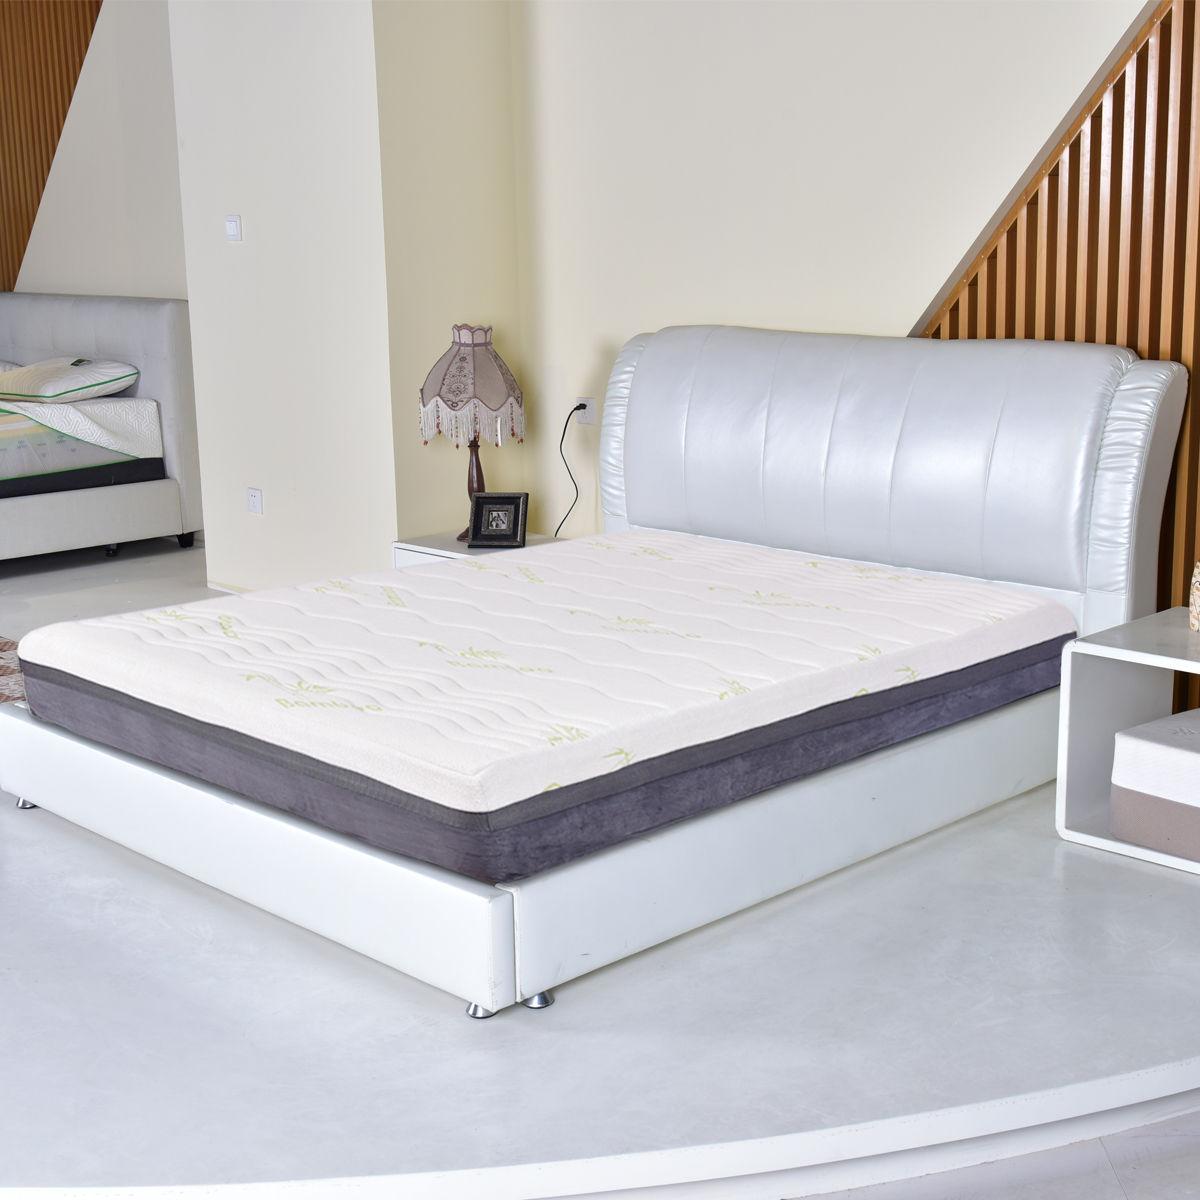 Giantex King Размеры 10 пены памяти матрас высокое качество бамбуковое волокно наматрасник спальня Толстая кровать Топпер HT0968K